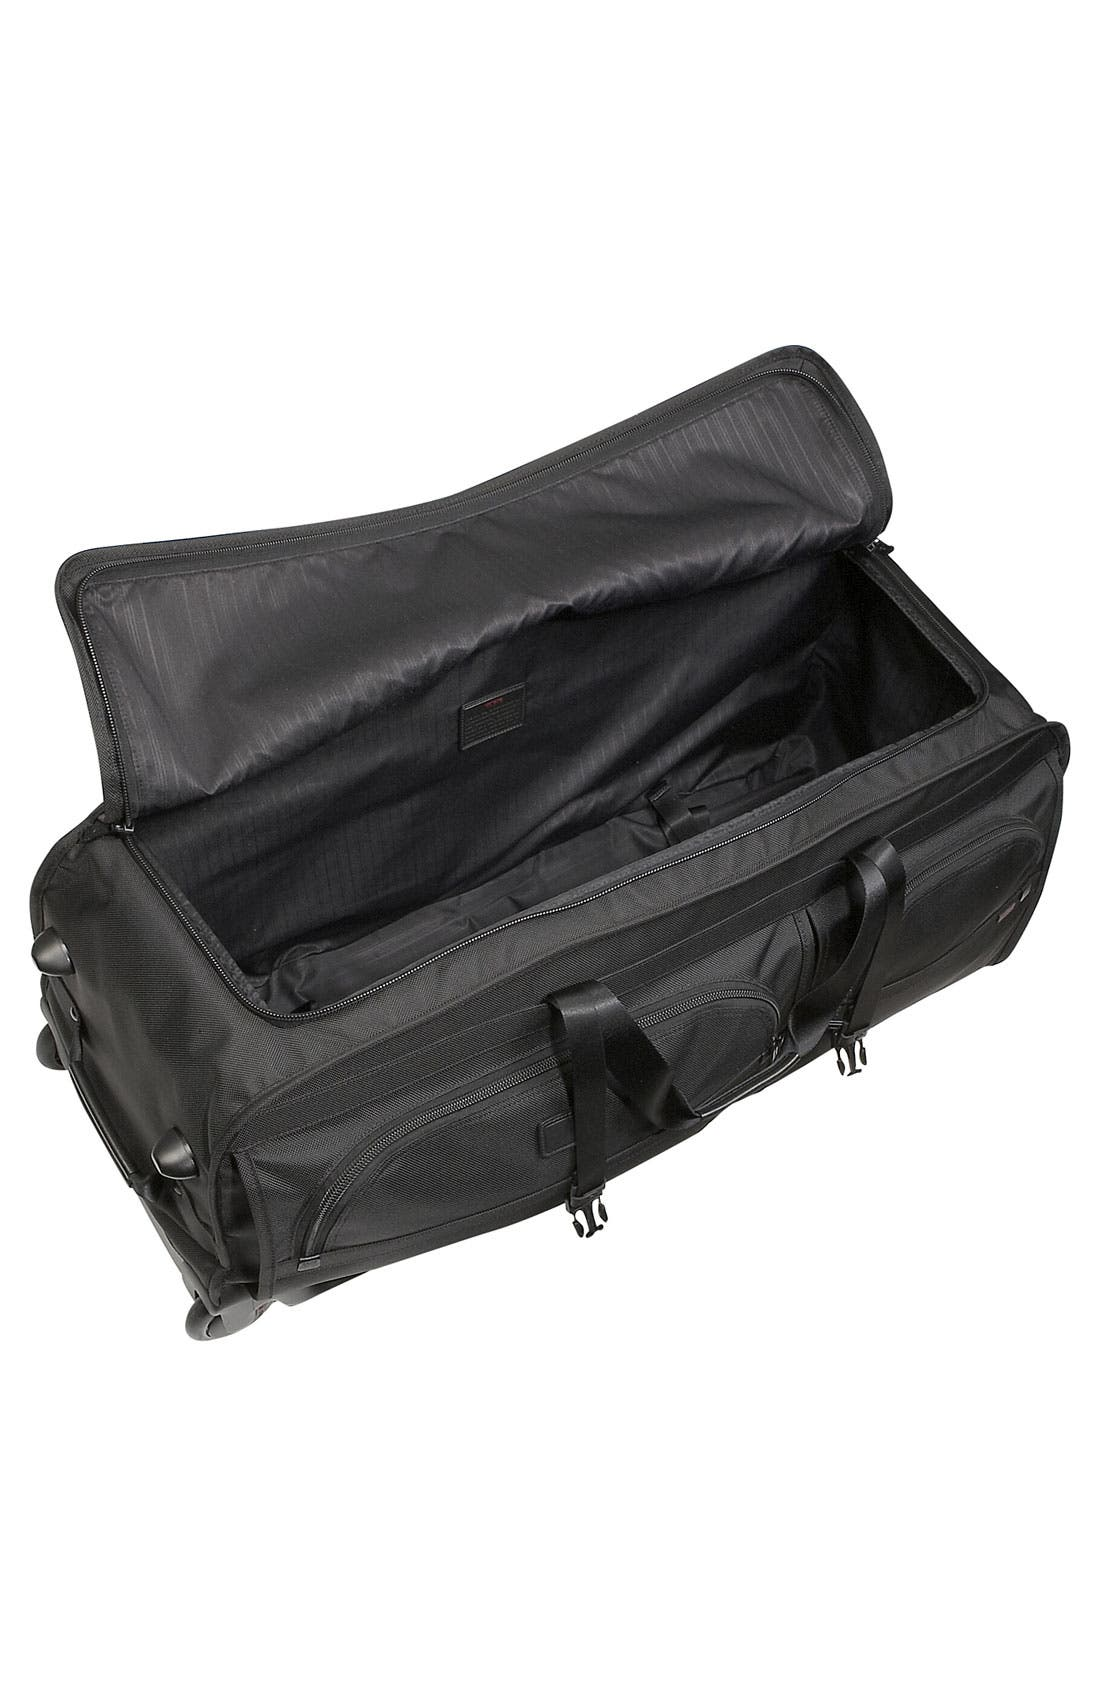 Alternate Image 3  - Tumi 'Alpha - Extra Large' Wheeled Duffel Bag